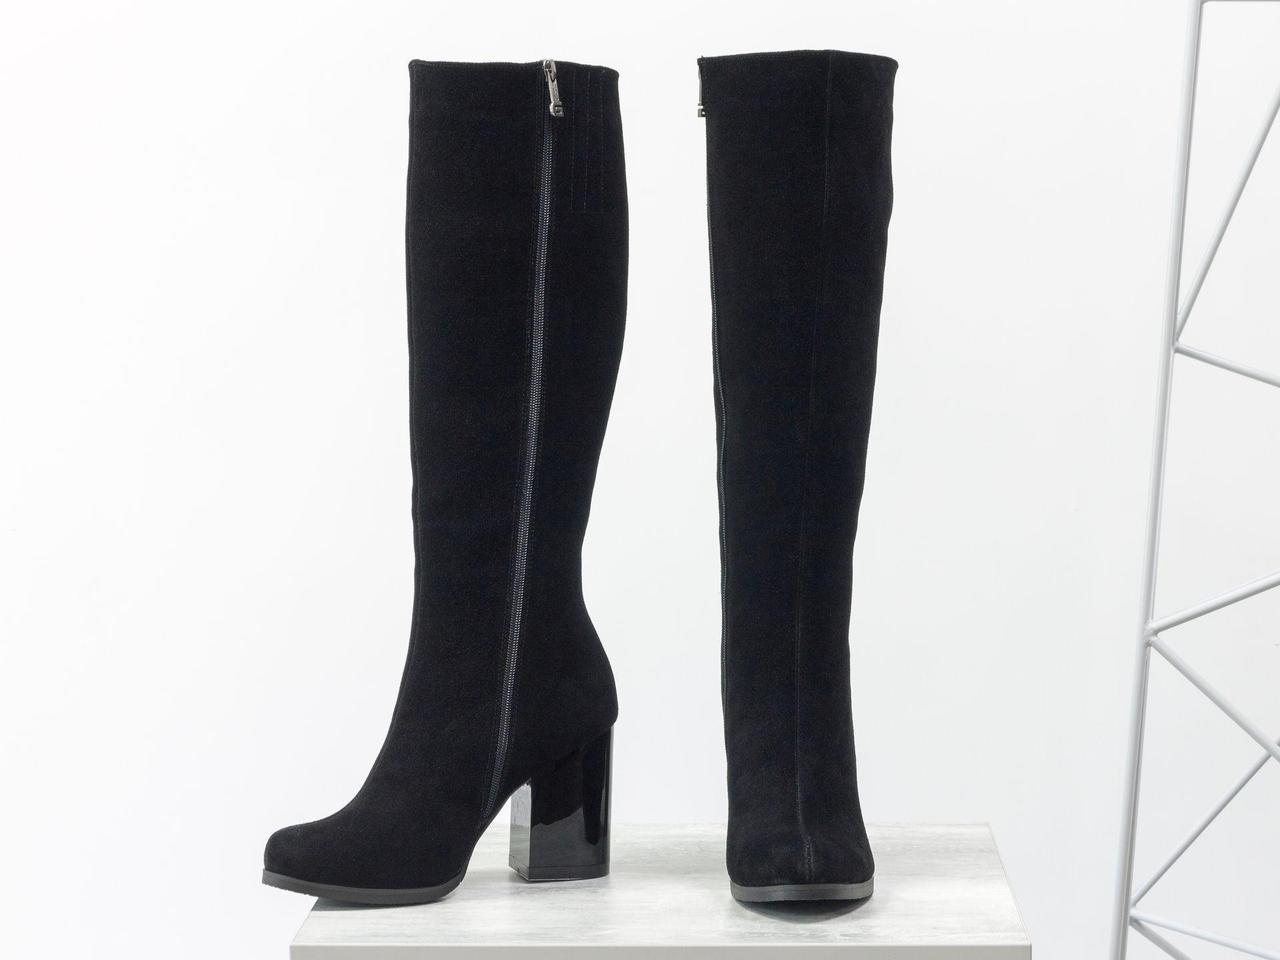 Высокие сапоги из натуральной замши черного цвета на расширенном глянцевом каблуке